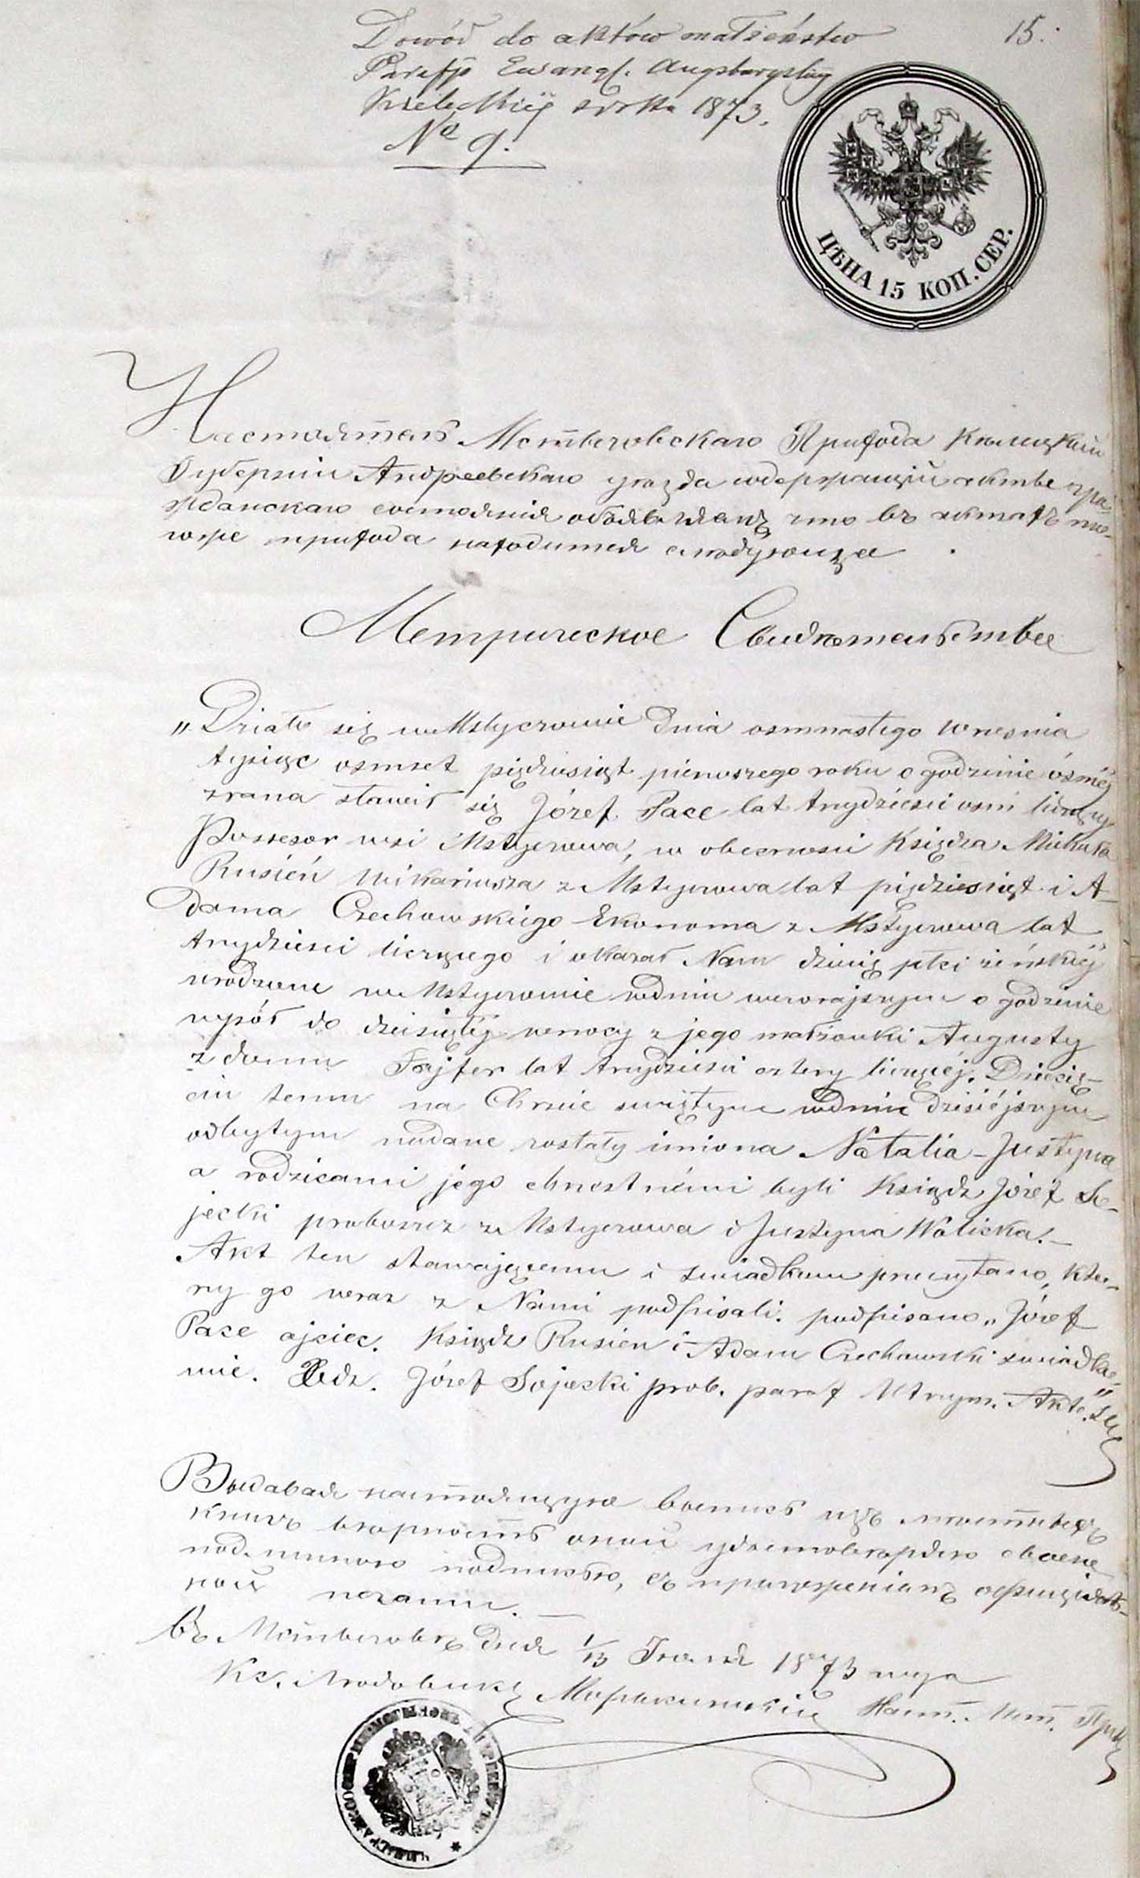 Dowody (allegaty) do aktu małżeństwa Eugeniusz Knaut & Natalia Justyna Pace w dn. 02.07.1873 r. (1)